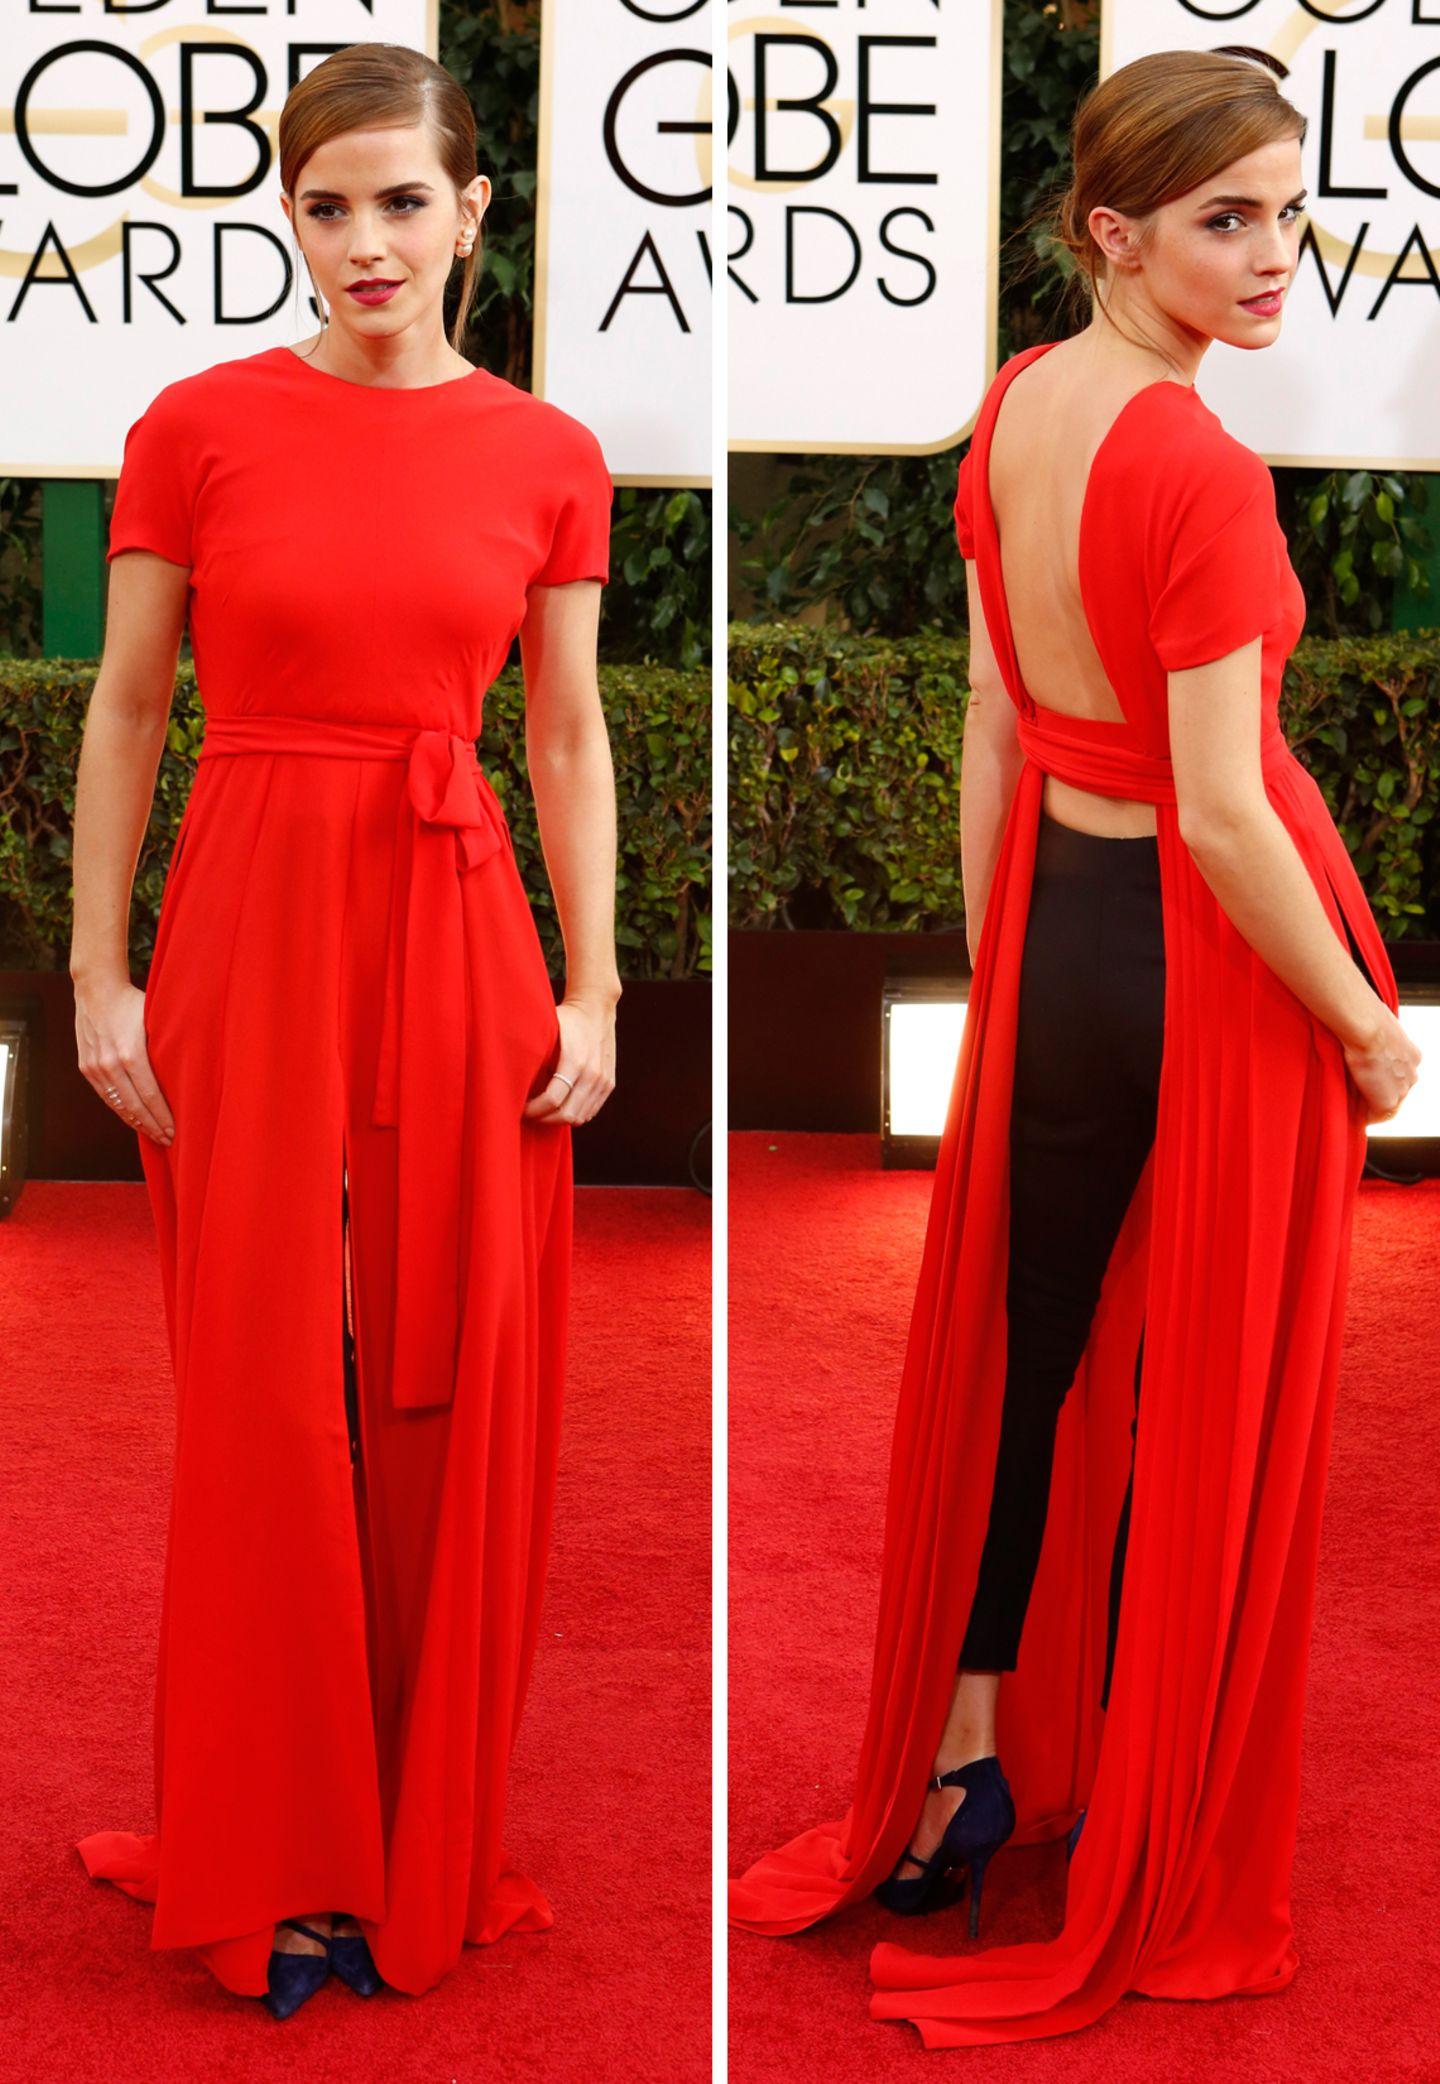 Gewagt, aber nicht bei allen gewonnen: Das Dior-Couture-Ensemble aus Kleid und Hose, welches Emma Watson bei den Golden Globes 2014 trug, stieß bei Kritikern auf geteilte Meinungen.